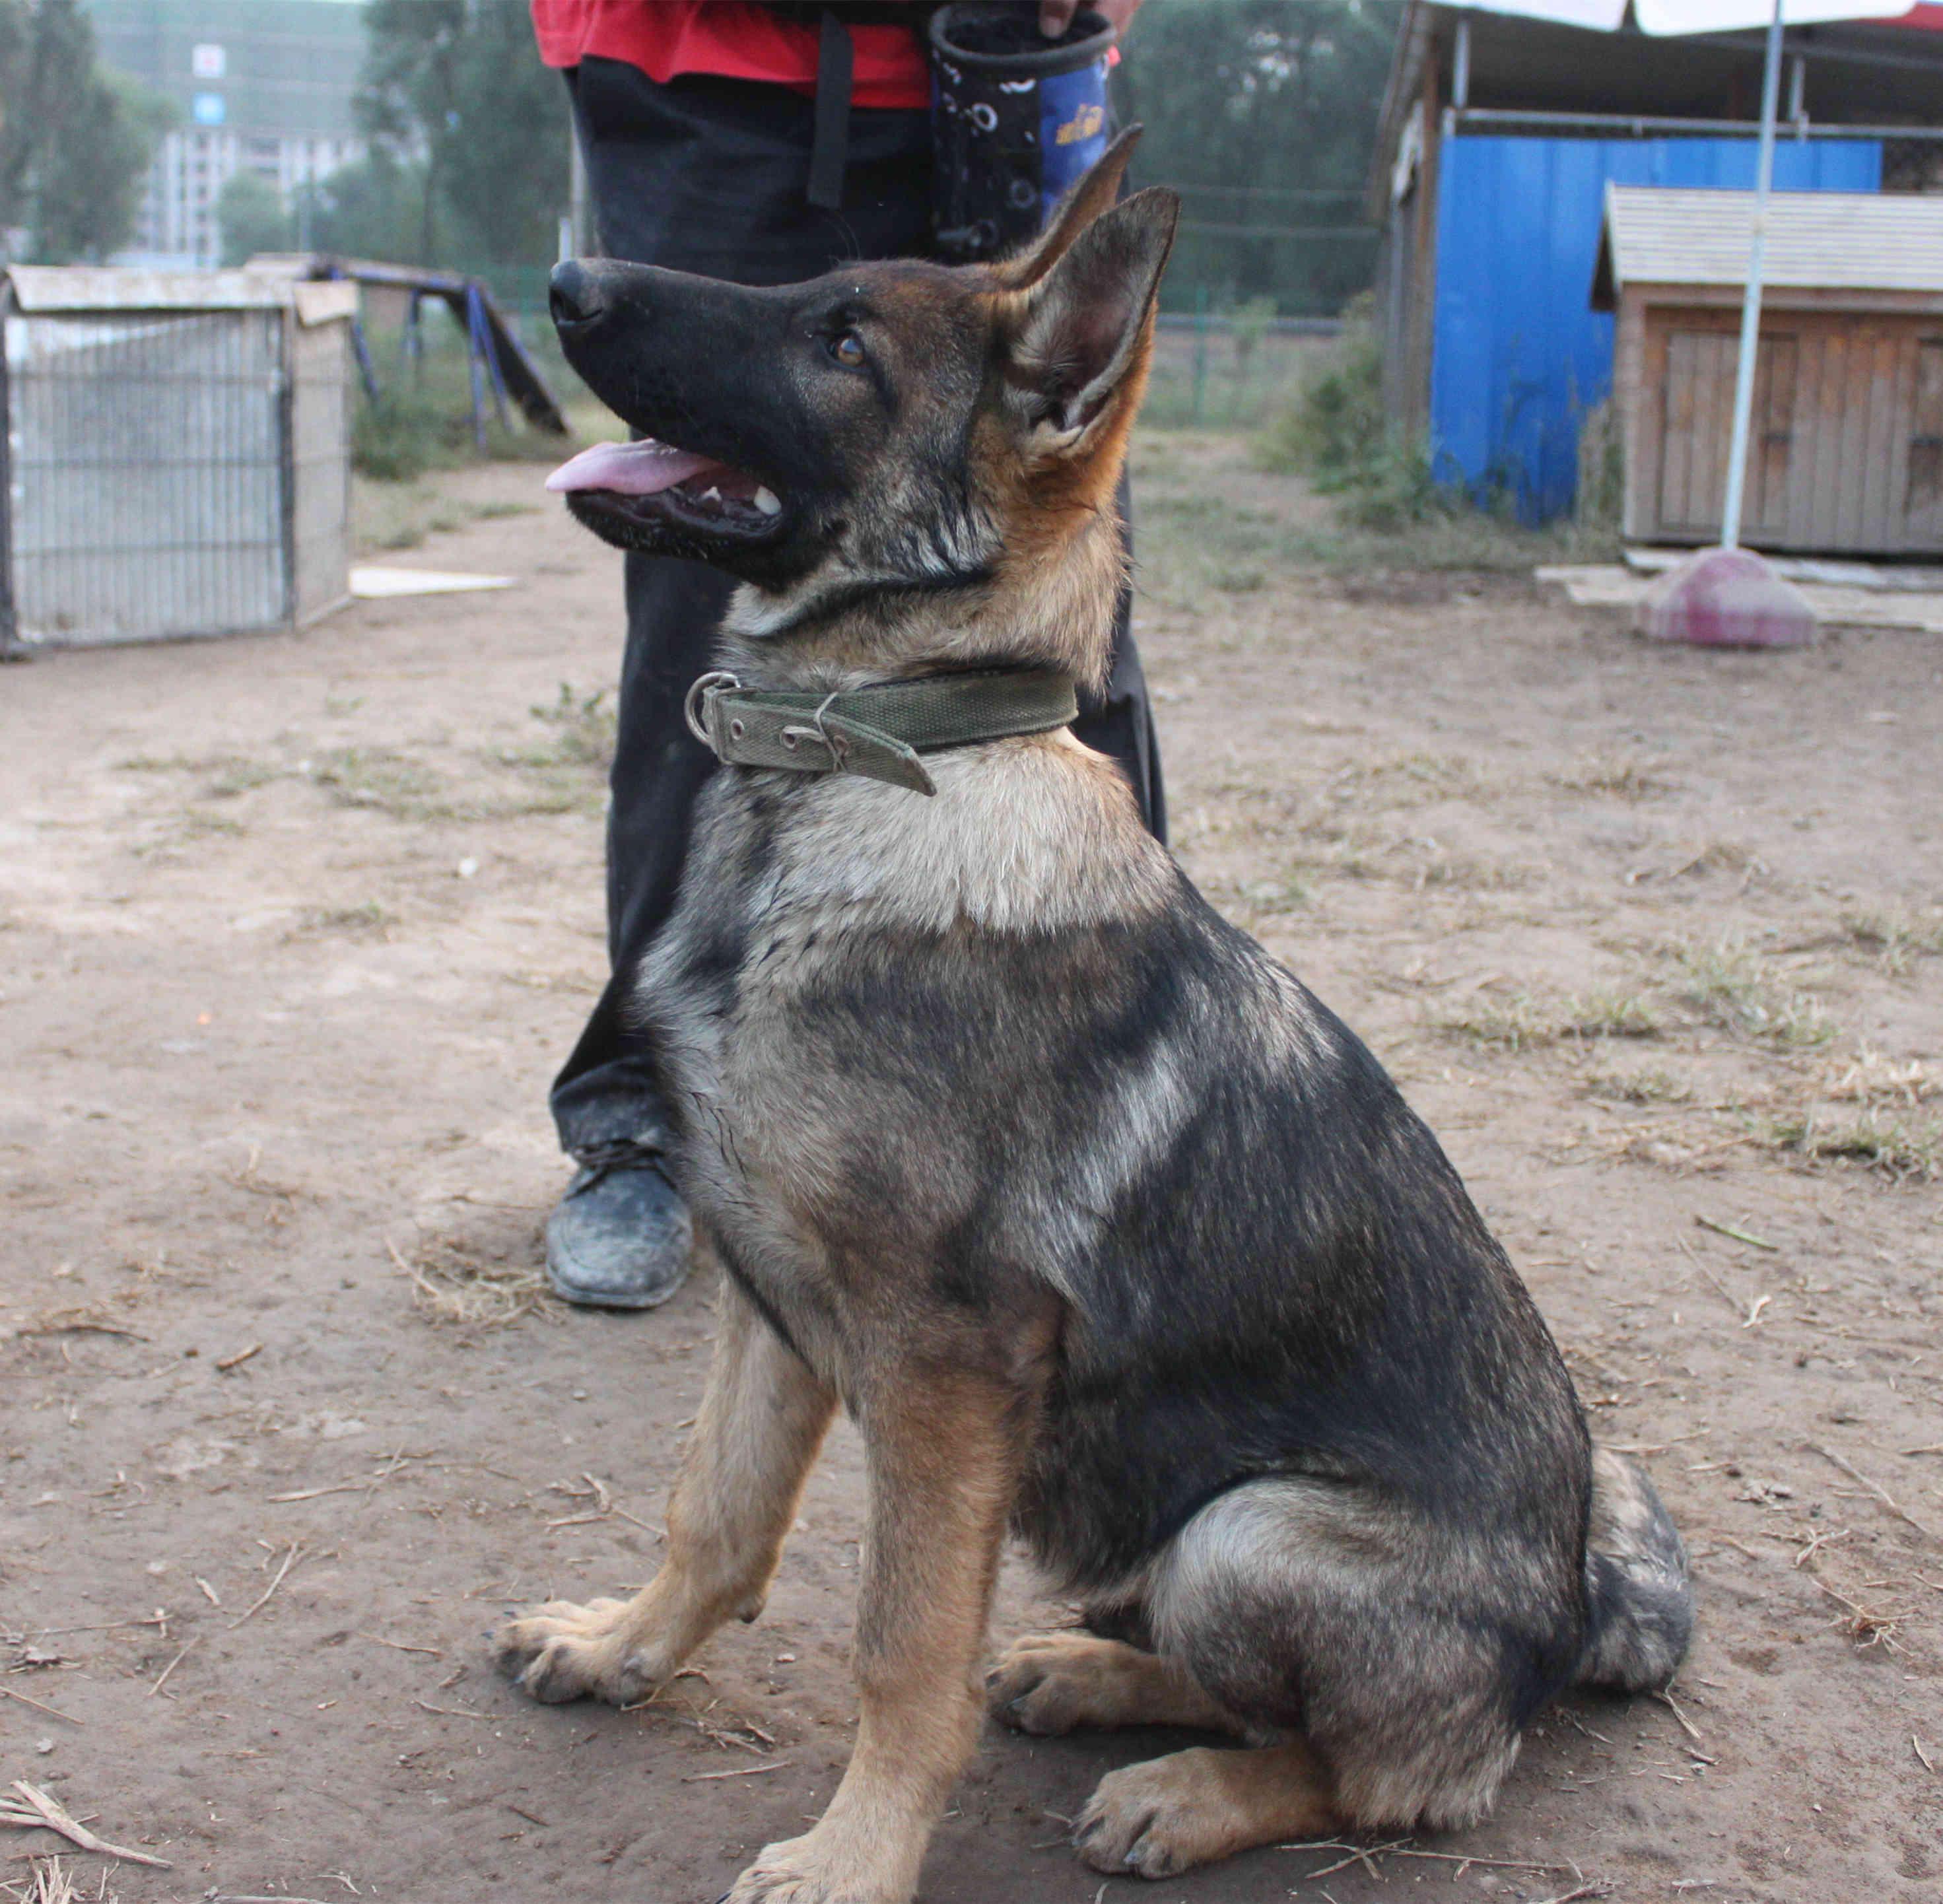 eu/dogs-details/179529/lux-vom-wieratal 种母详情链接:http://www.